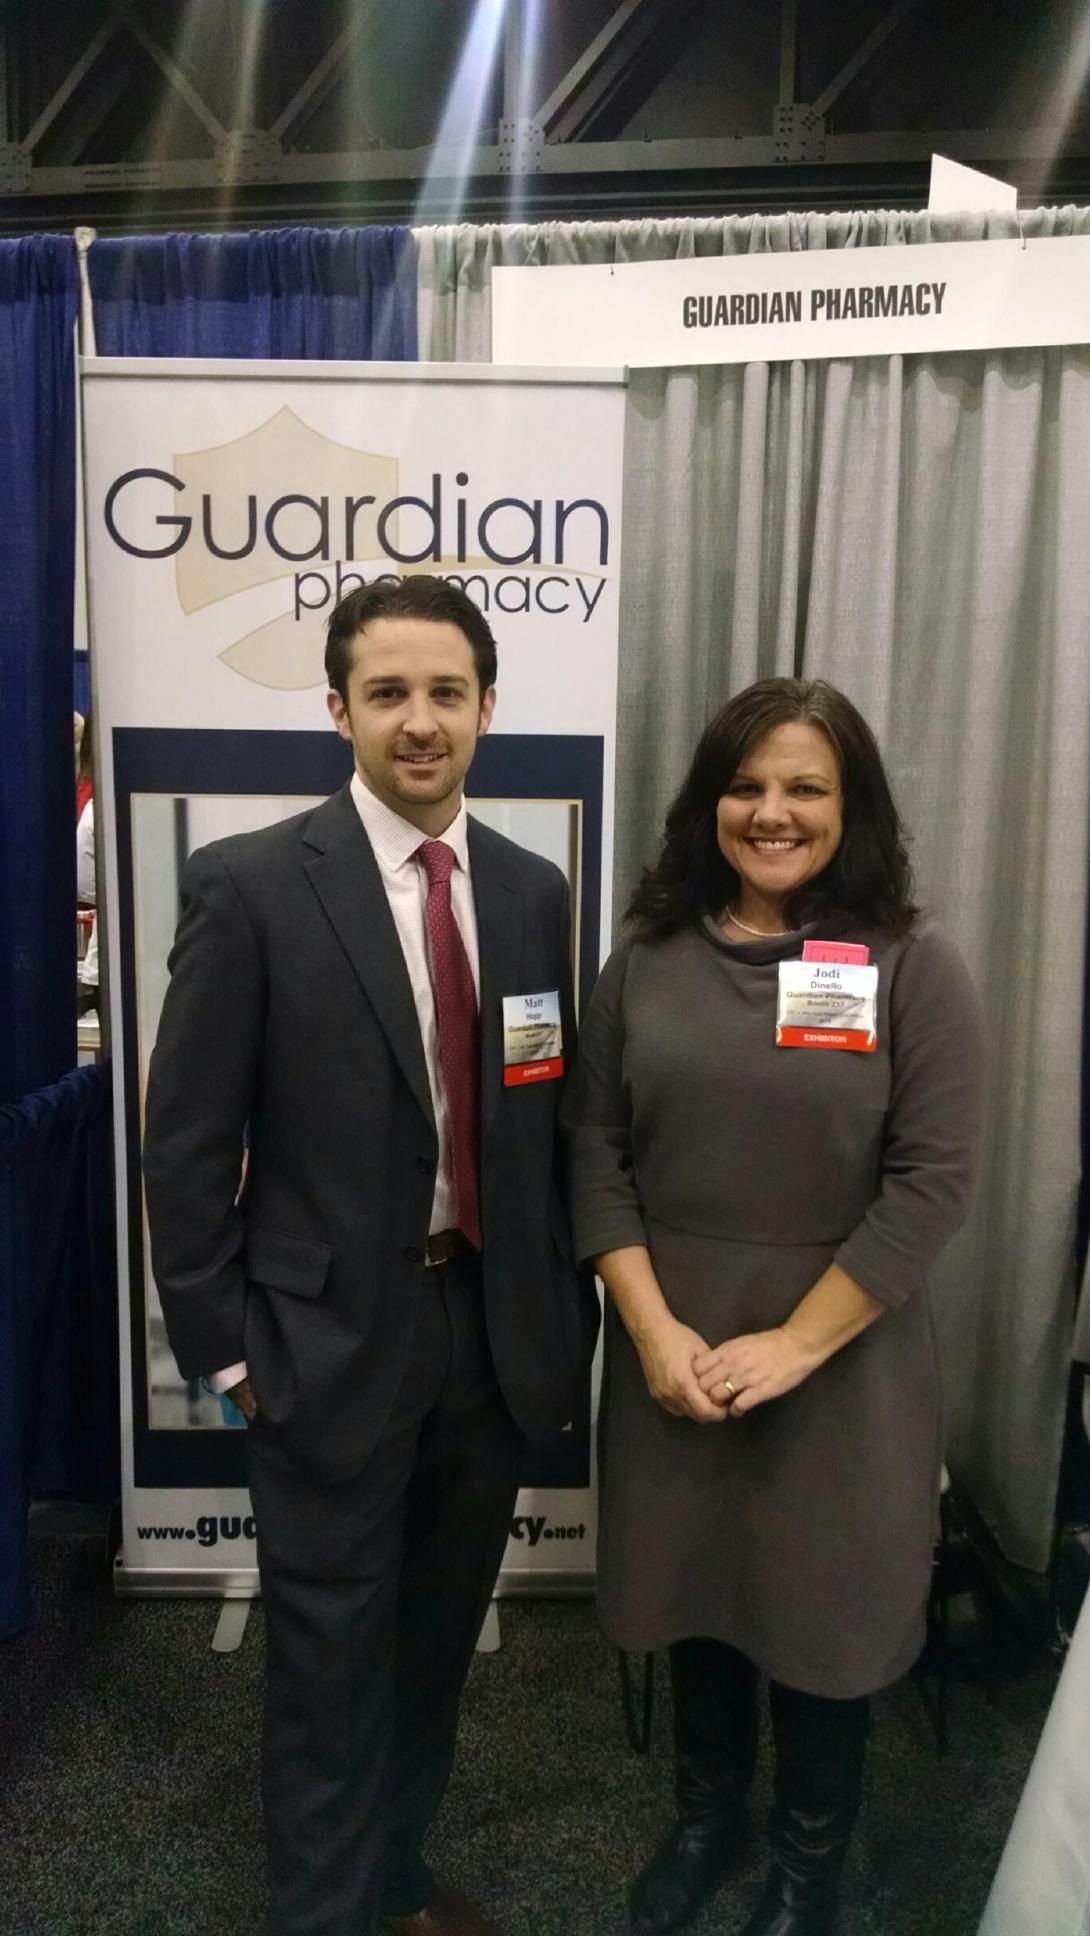 Matt Hopp, president of Guardian Pharmacy of Atlanta, and Jodi DiNello, president of Senior Care Pharmacy.